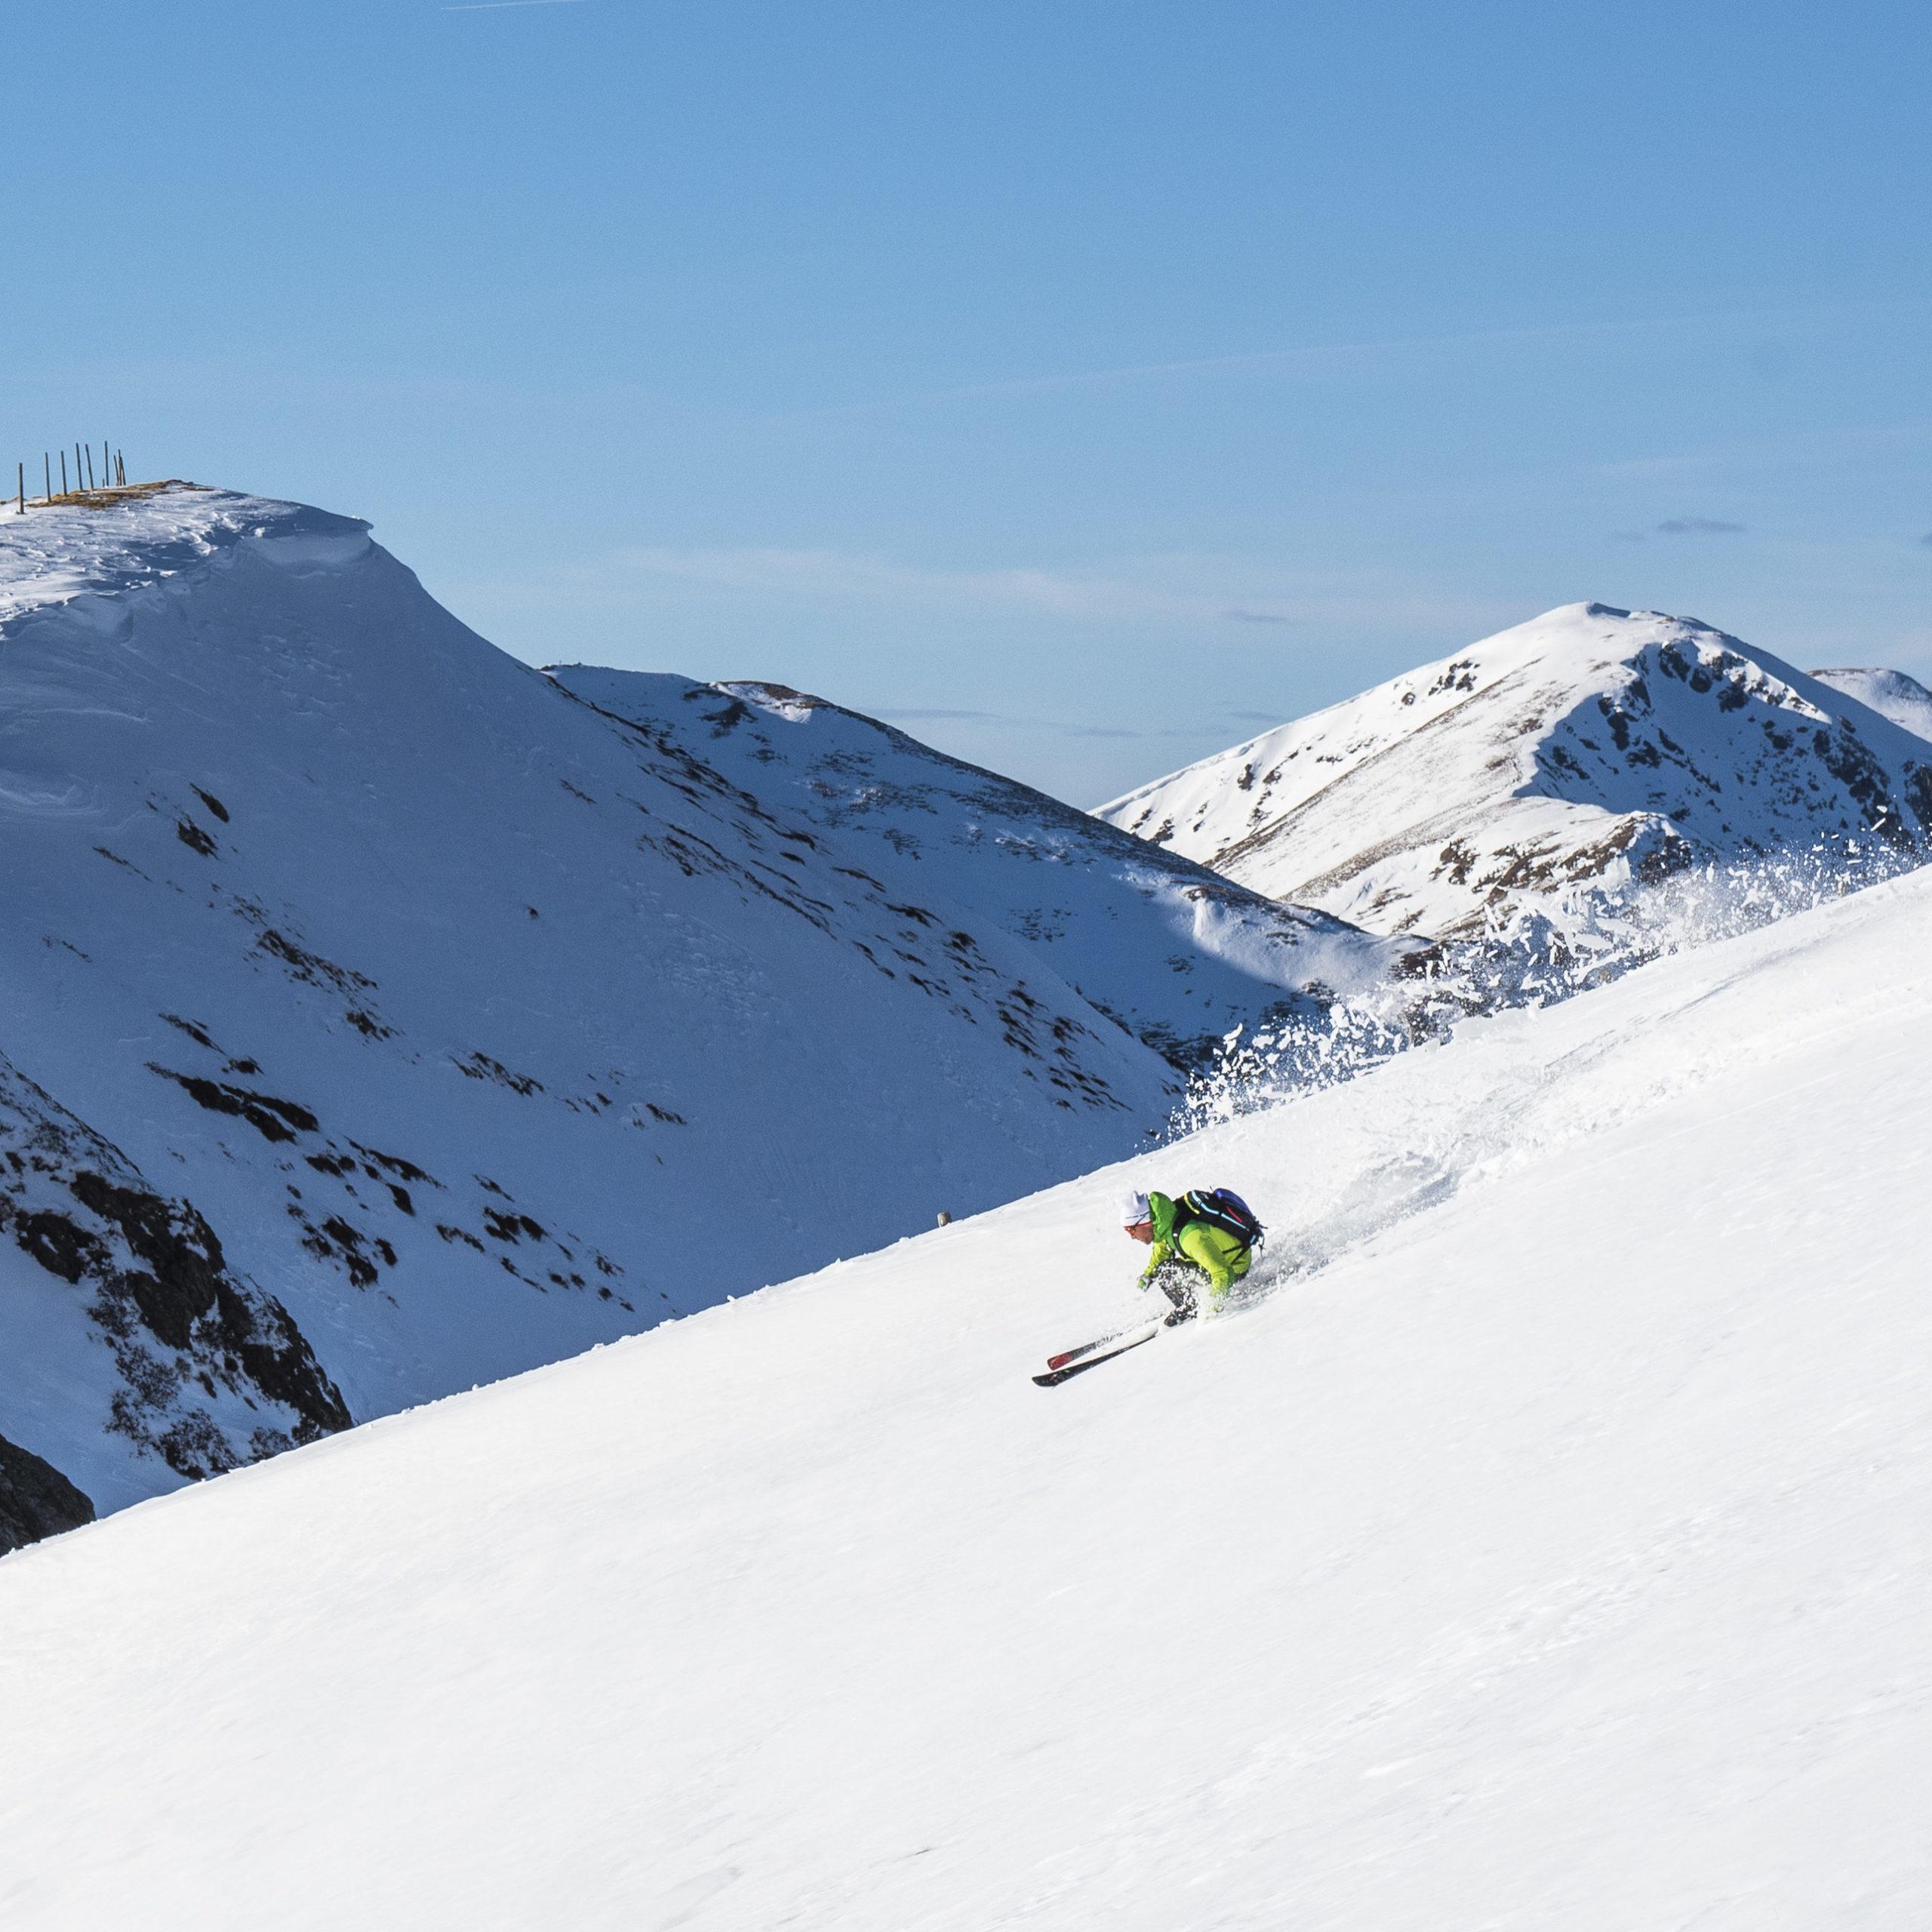 Skitouren Durchquerung Nockbergetrail: Wir haben´s erfunden!